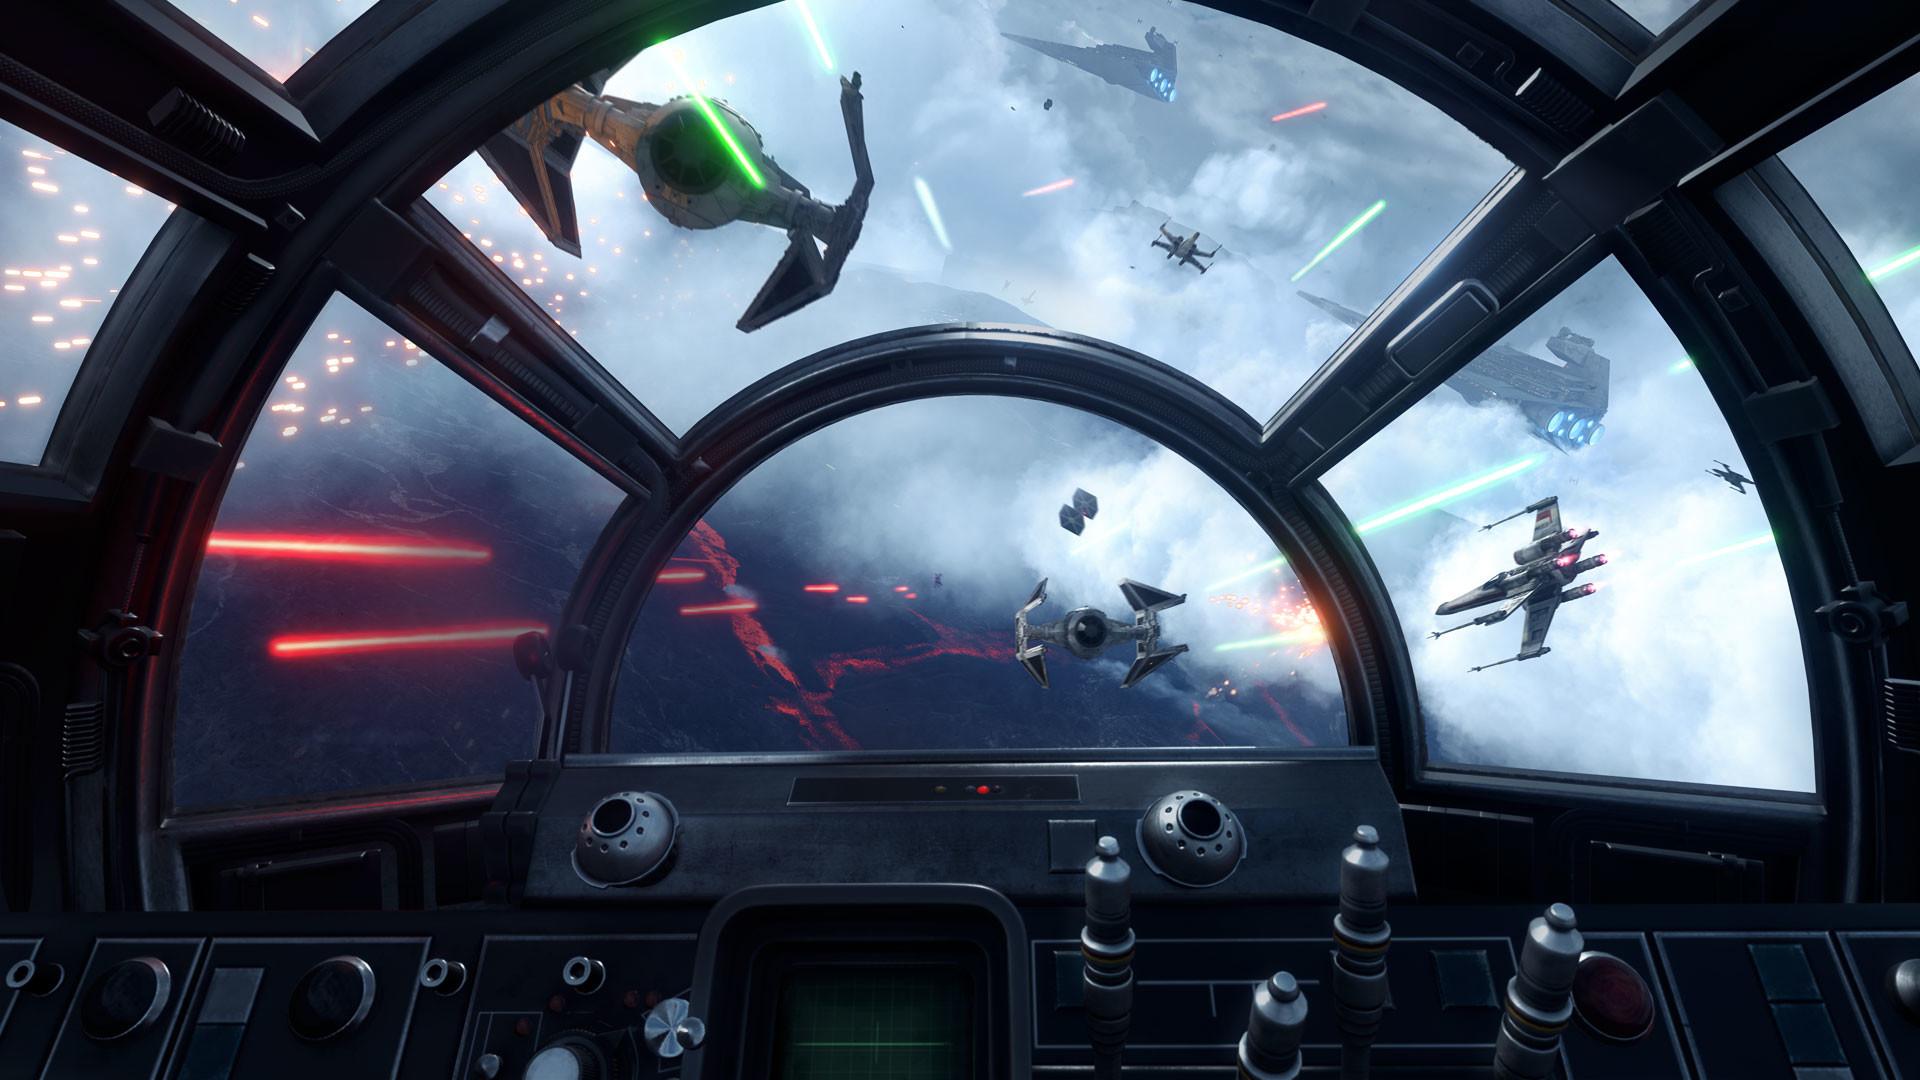 Star Wars Battlefront Millenium Falcon cockpit view